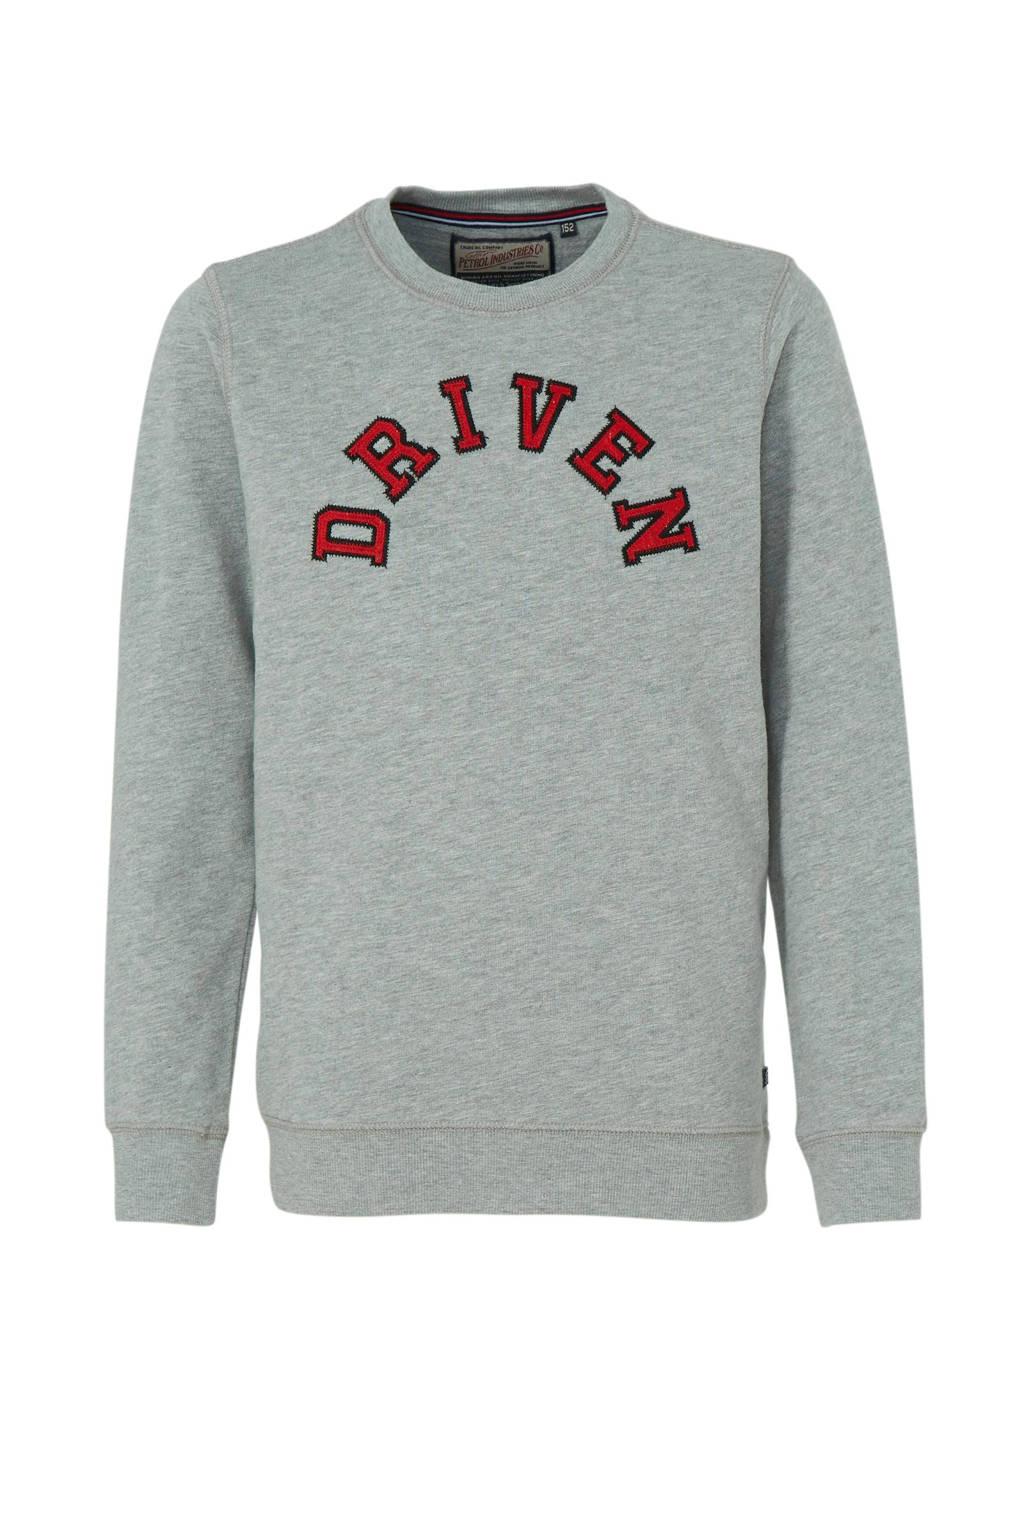 Petrol Industries sweater met tekst lichtgrijs melange, Lichtgrijs melange